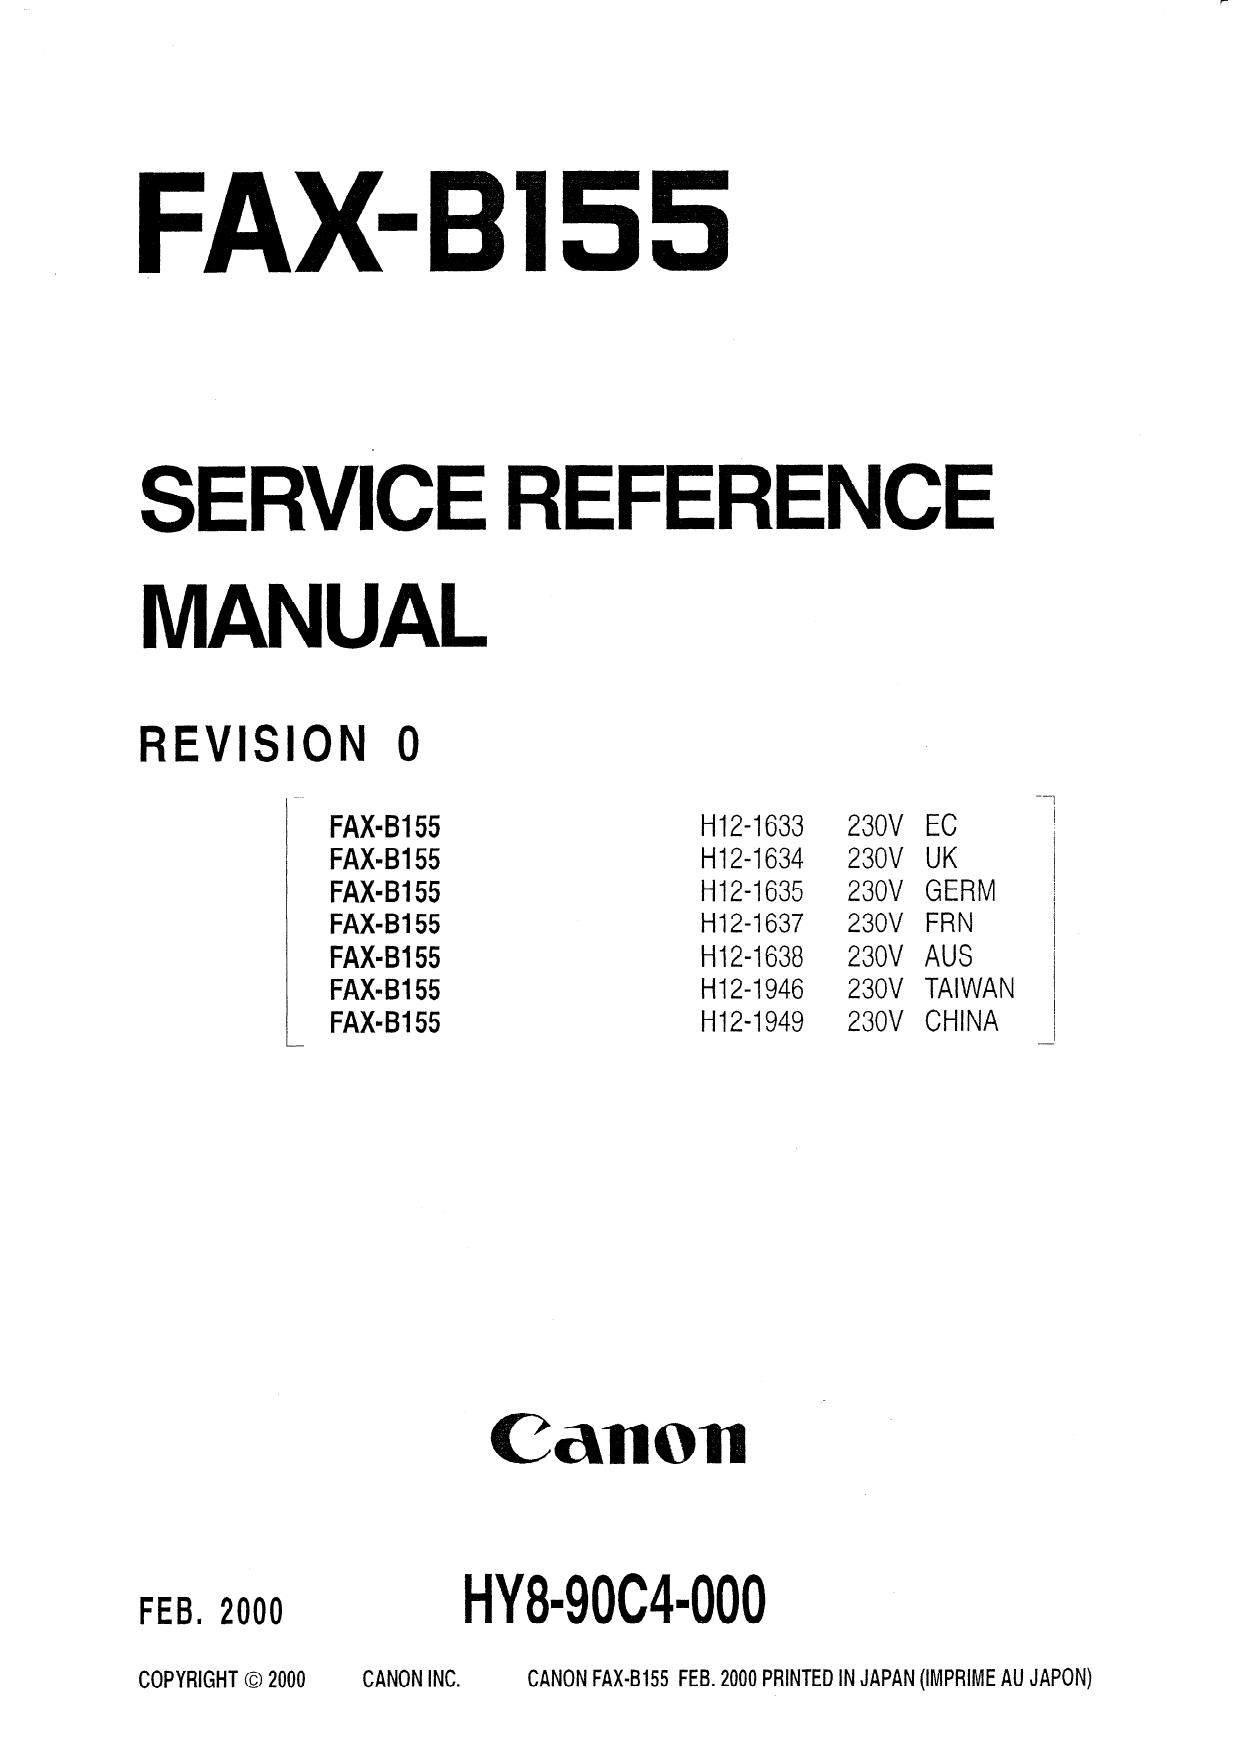 canon pc 1060 service manual pdf download psychologyarticles info rh psychologyarticles info